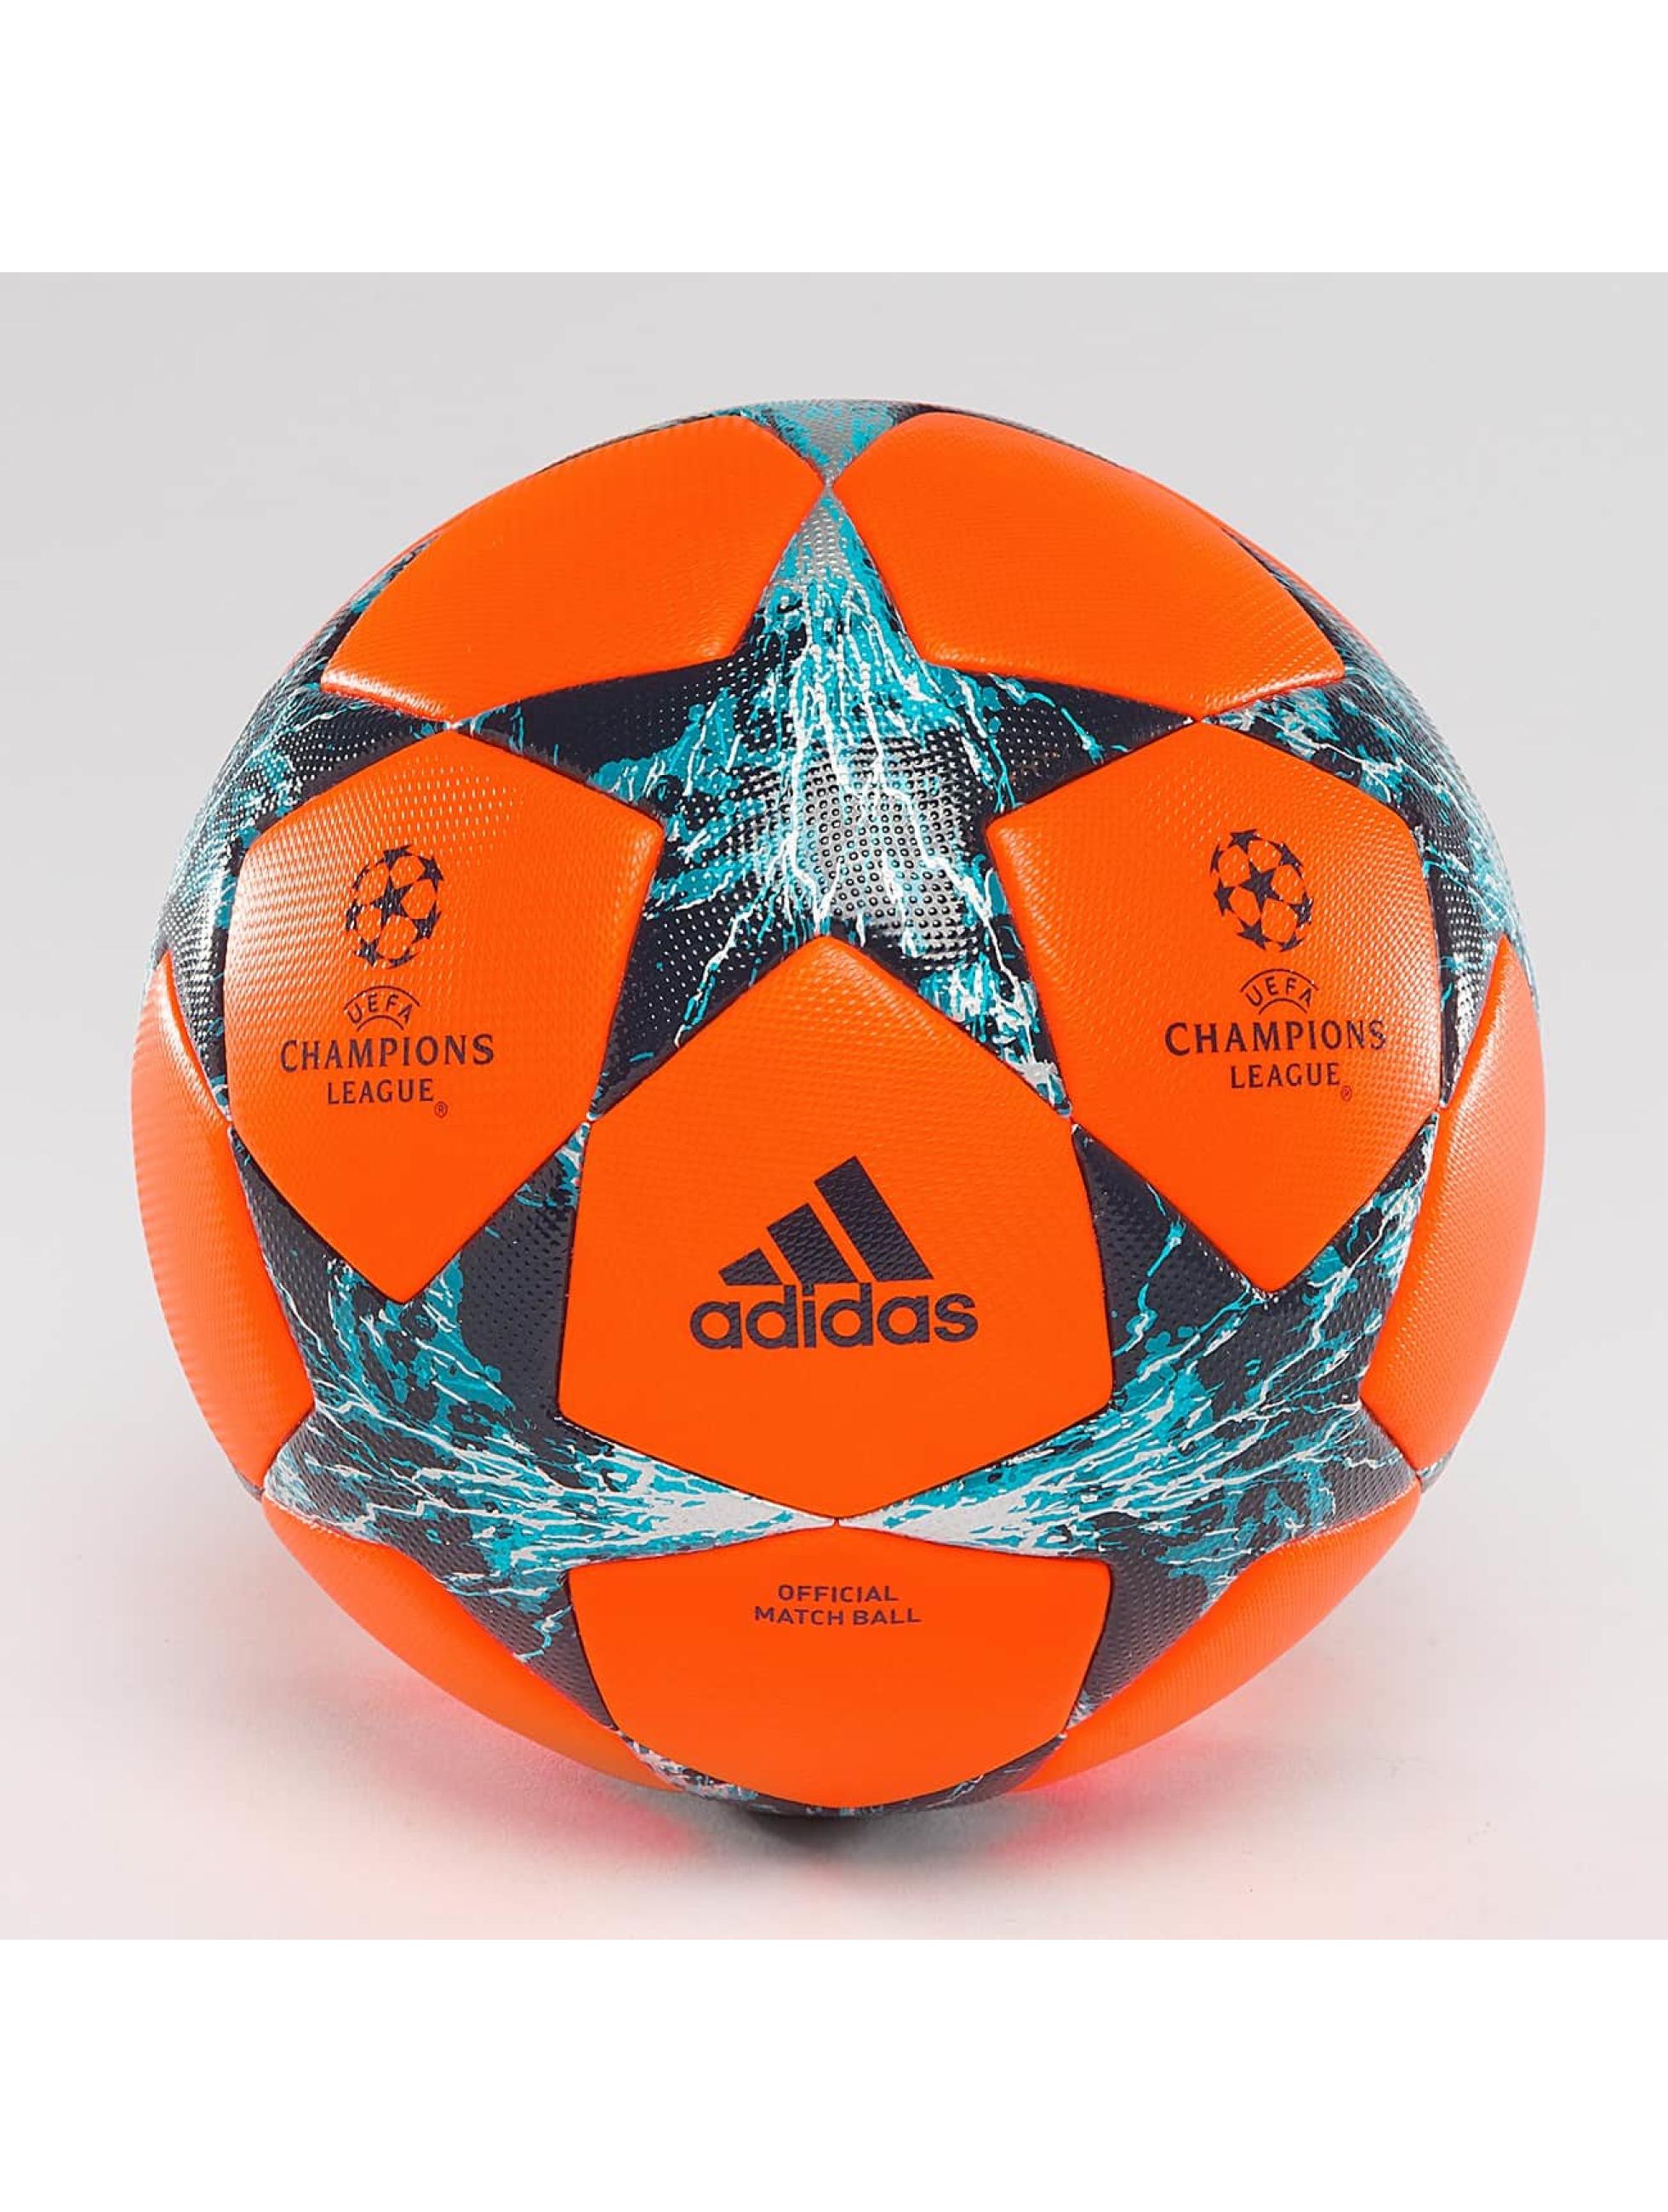 adidas Männer,Frauen,Kinder Ball Final 17 Offical Match in orange